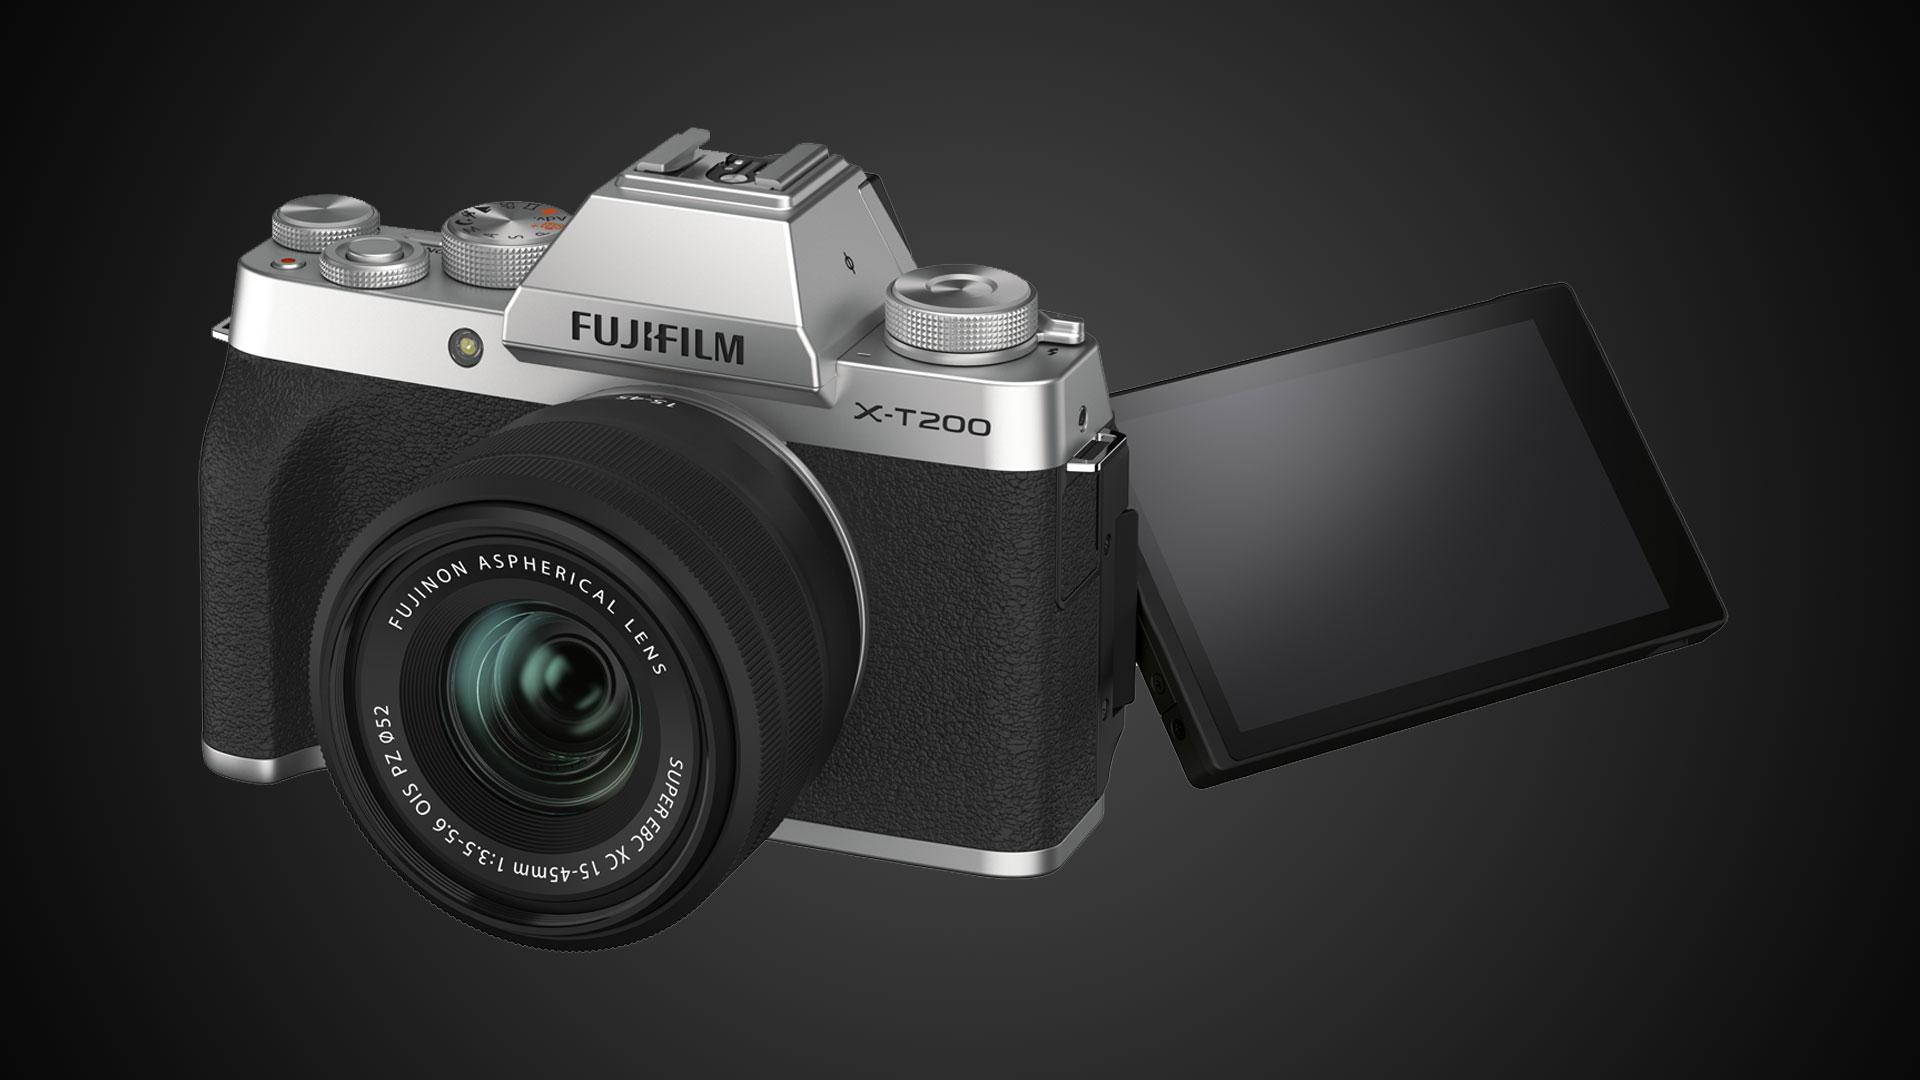 Anuncian la FUJIFILM X-T200 - video 4K, estabilización digital y video cuadrado